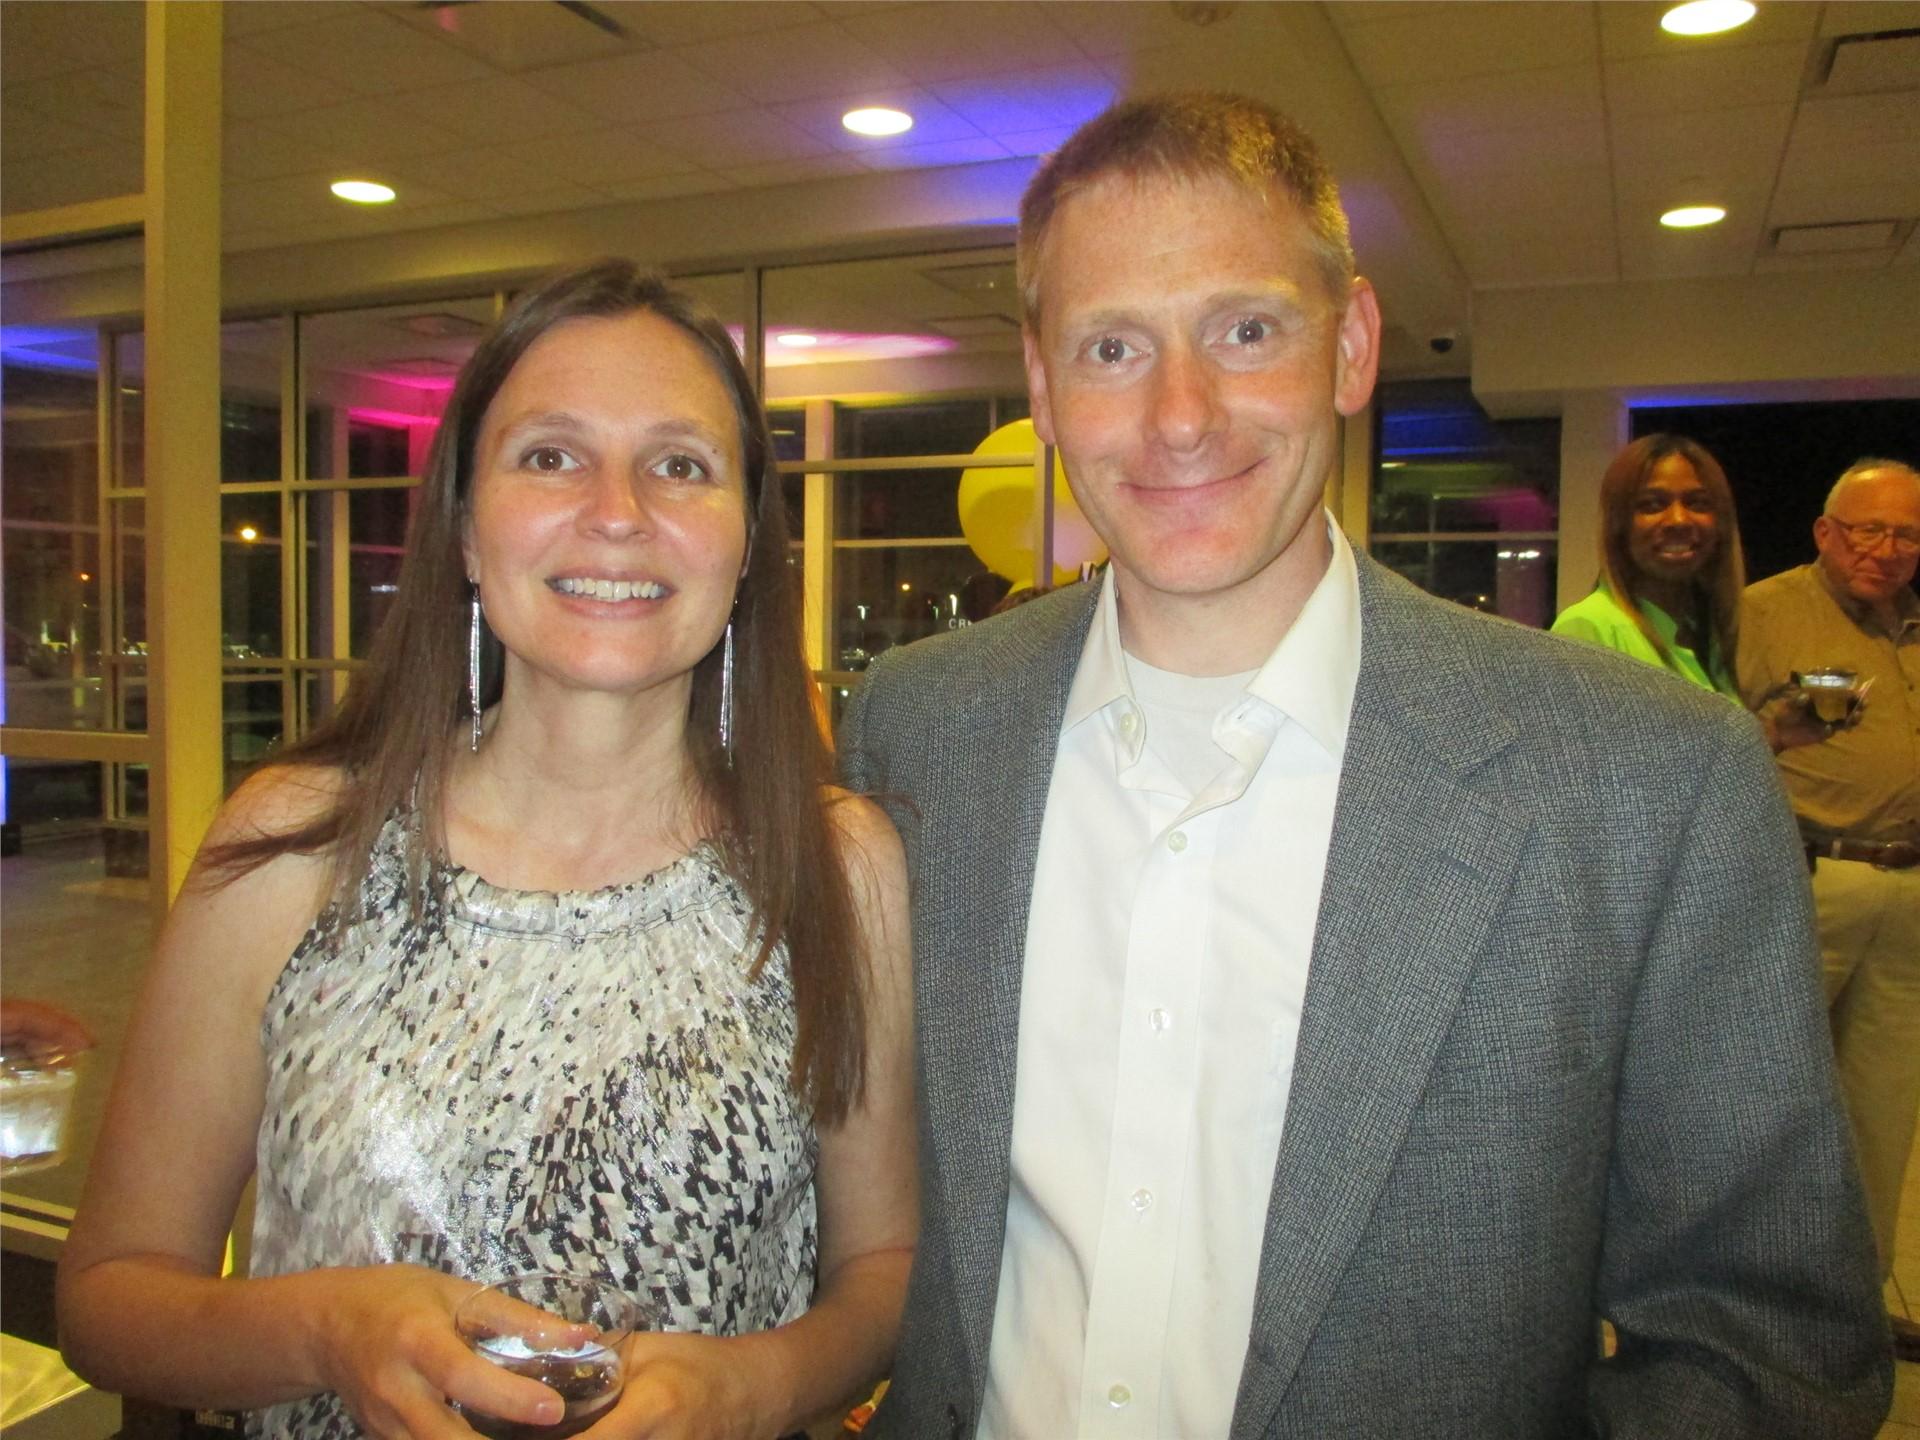 Michelle and Jon Leizman